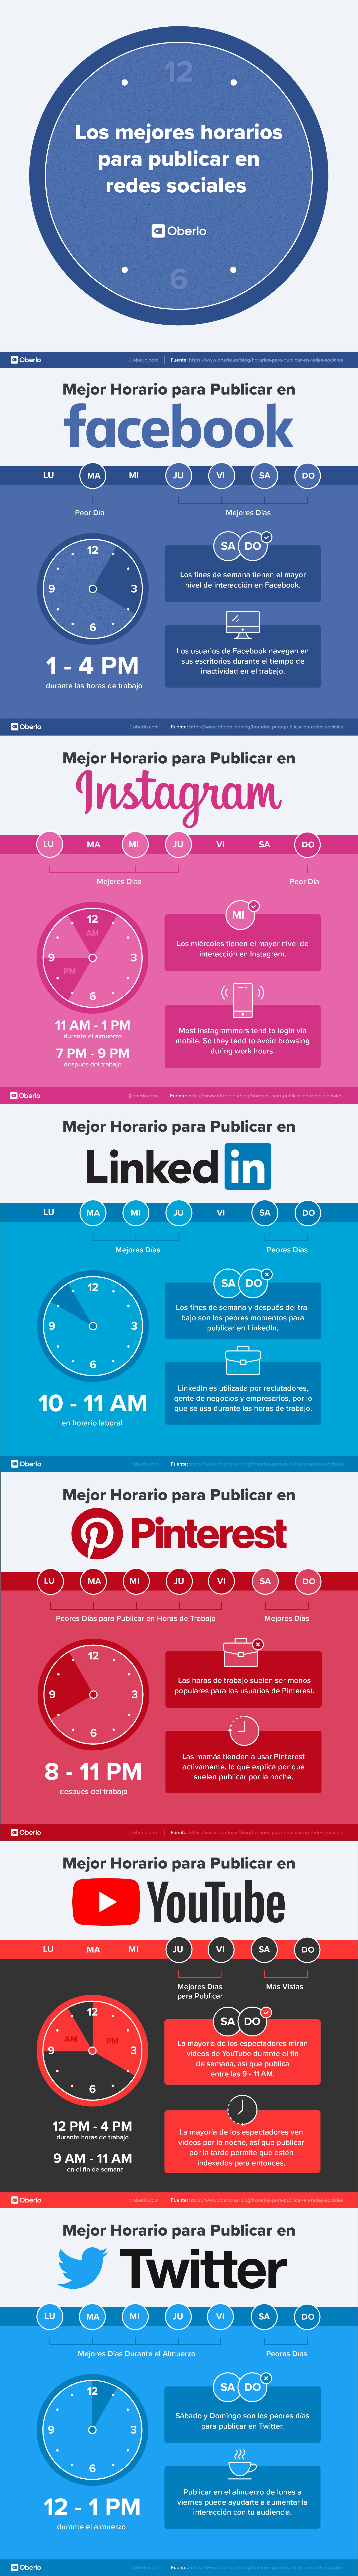 Los mejores horarios para publicar en Facebook, Twitter, Instagram, LinkedIn, Youtube y Pinterest.